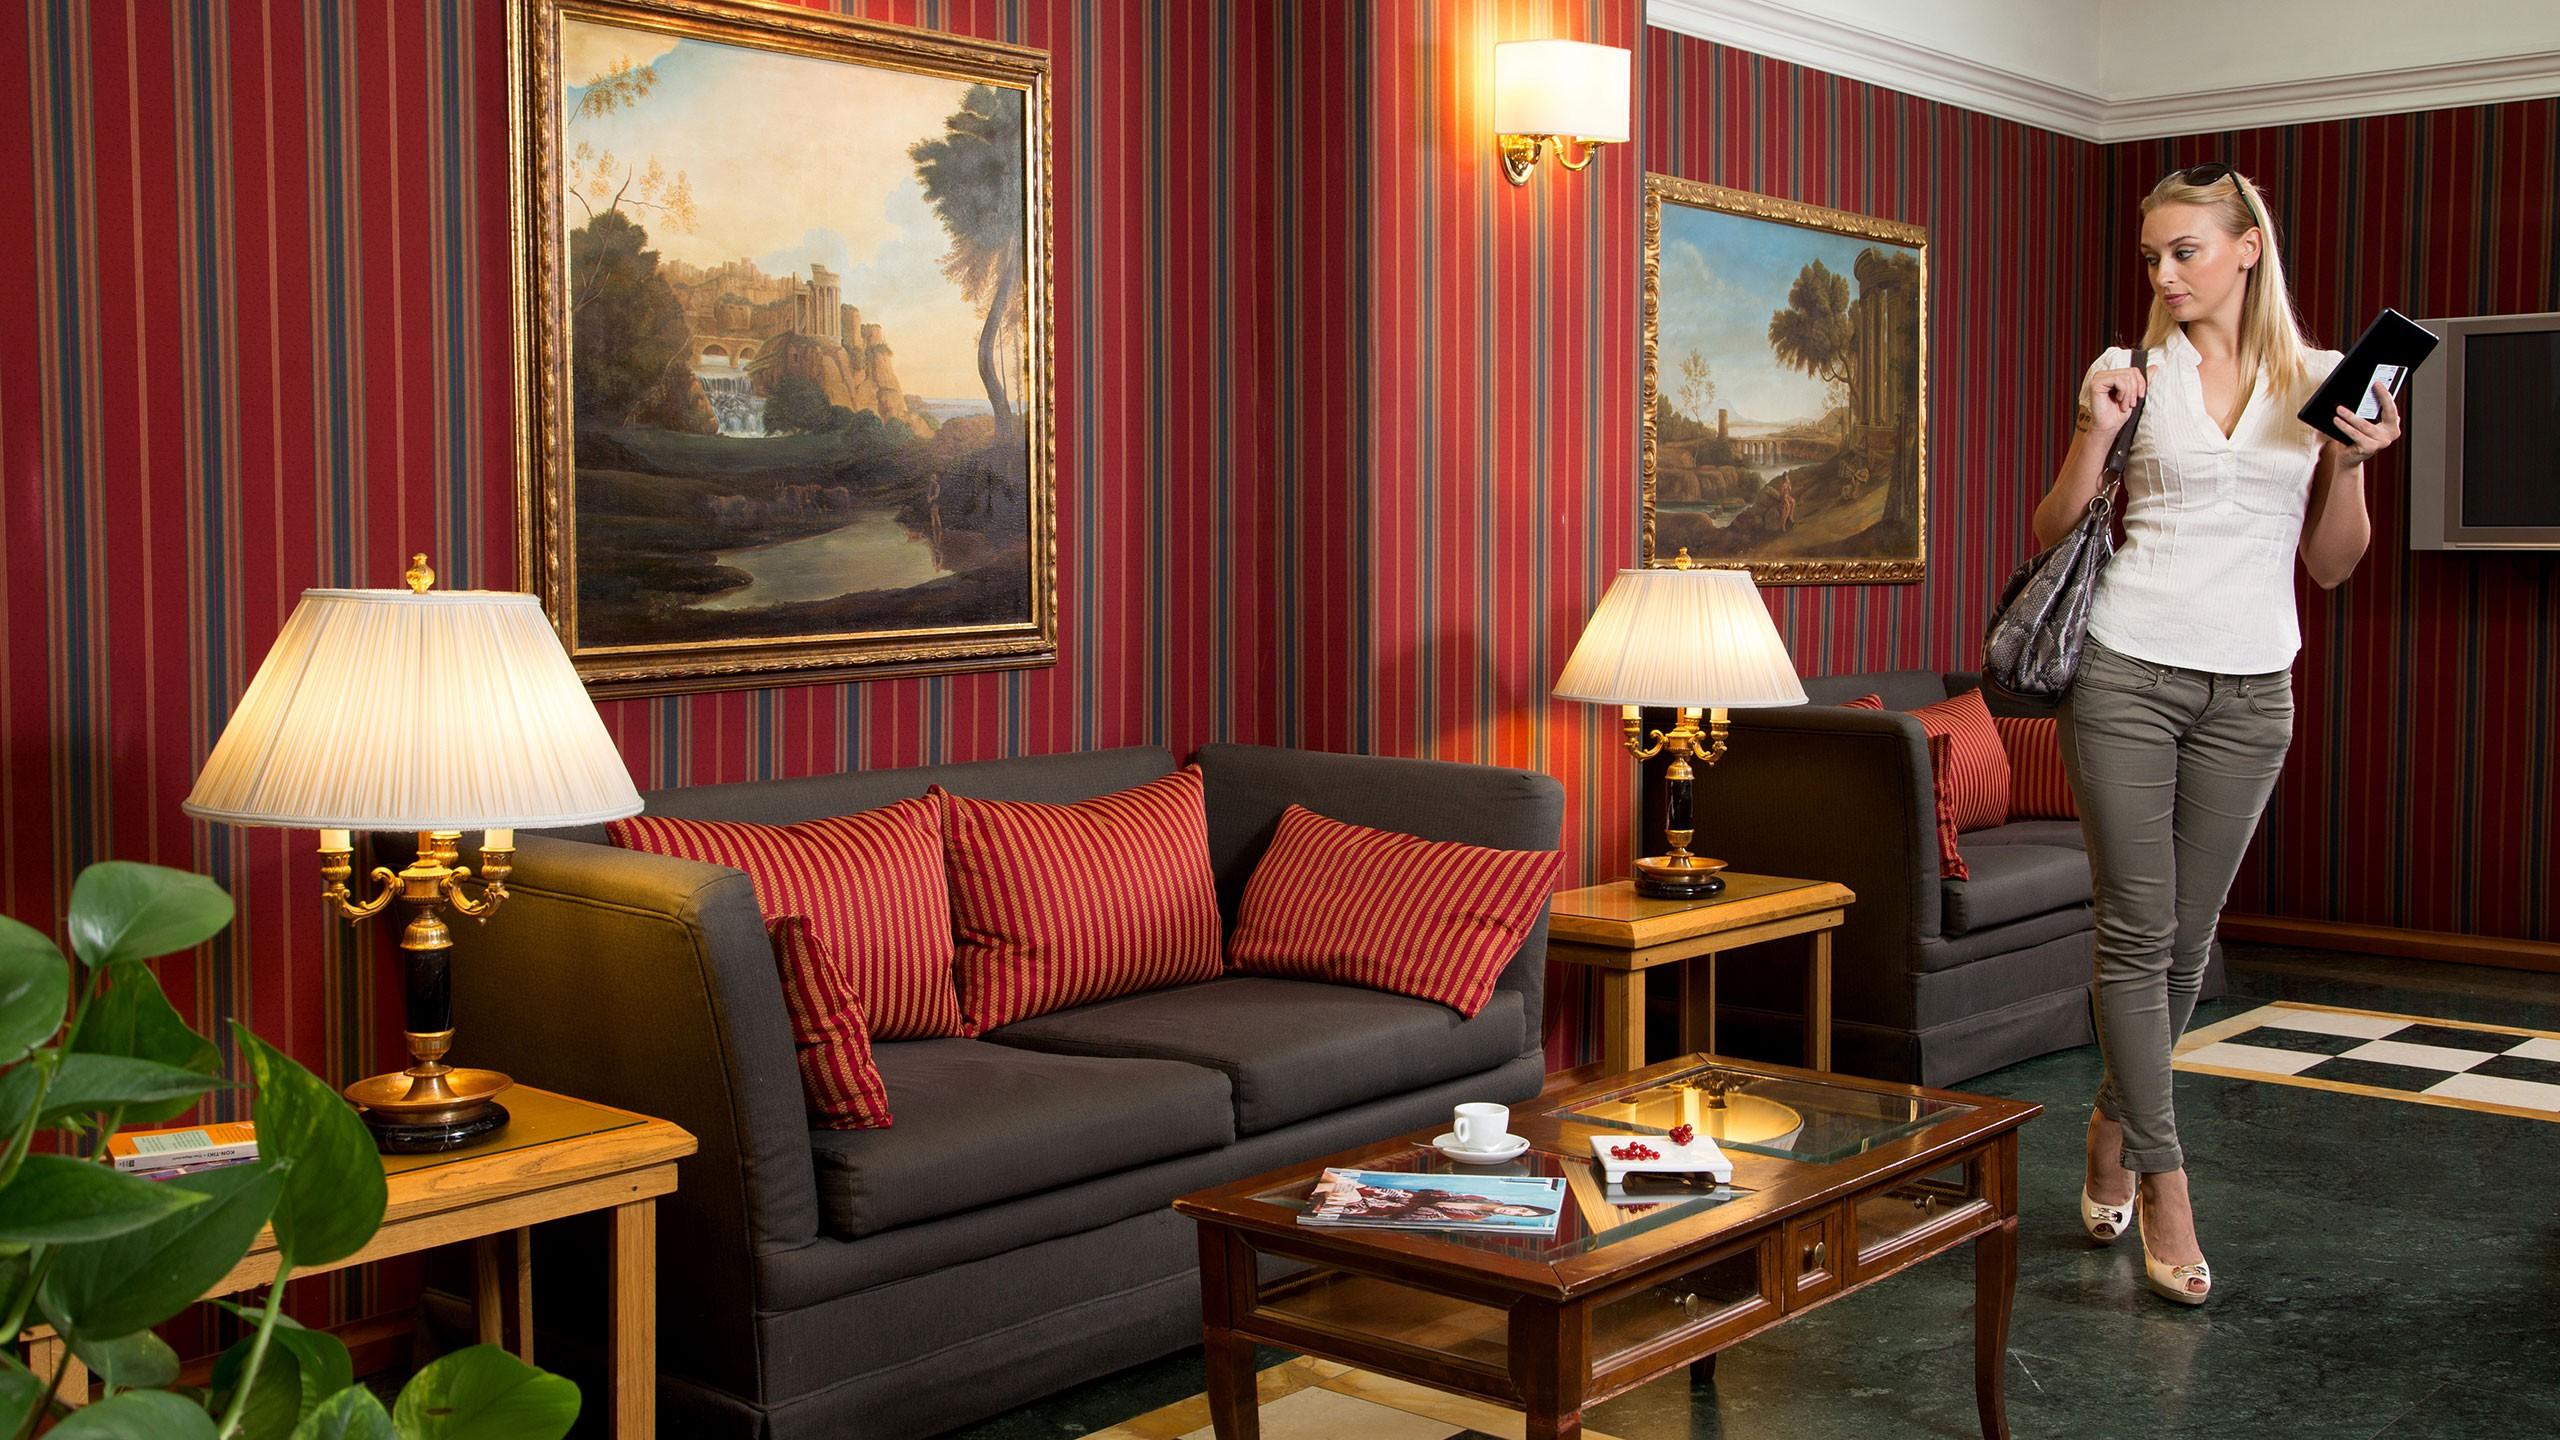 Hotel-Morgana-Rom- hall-IMG-1740